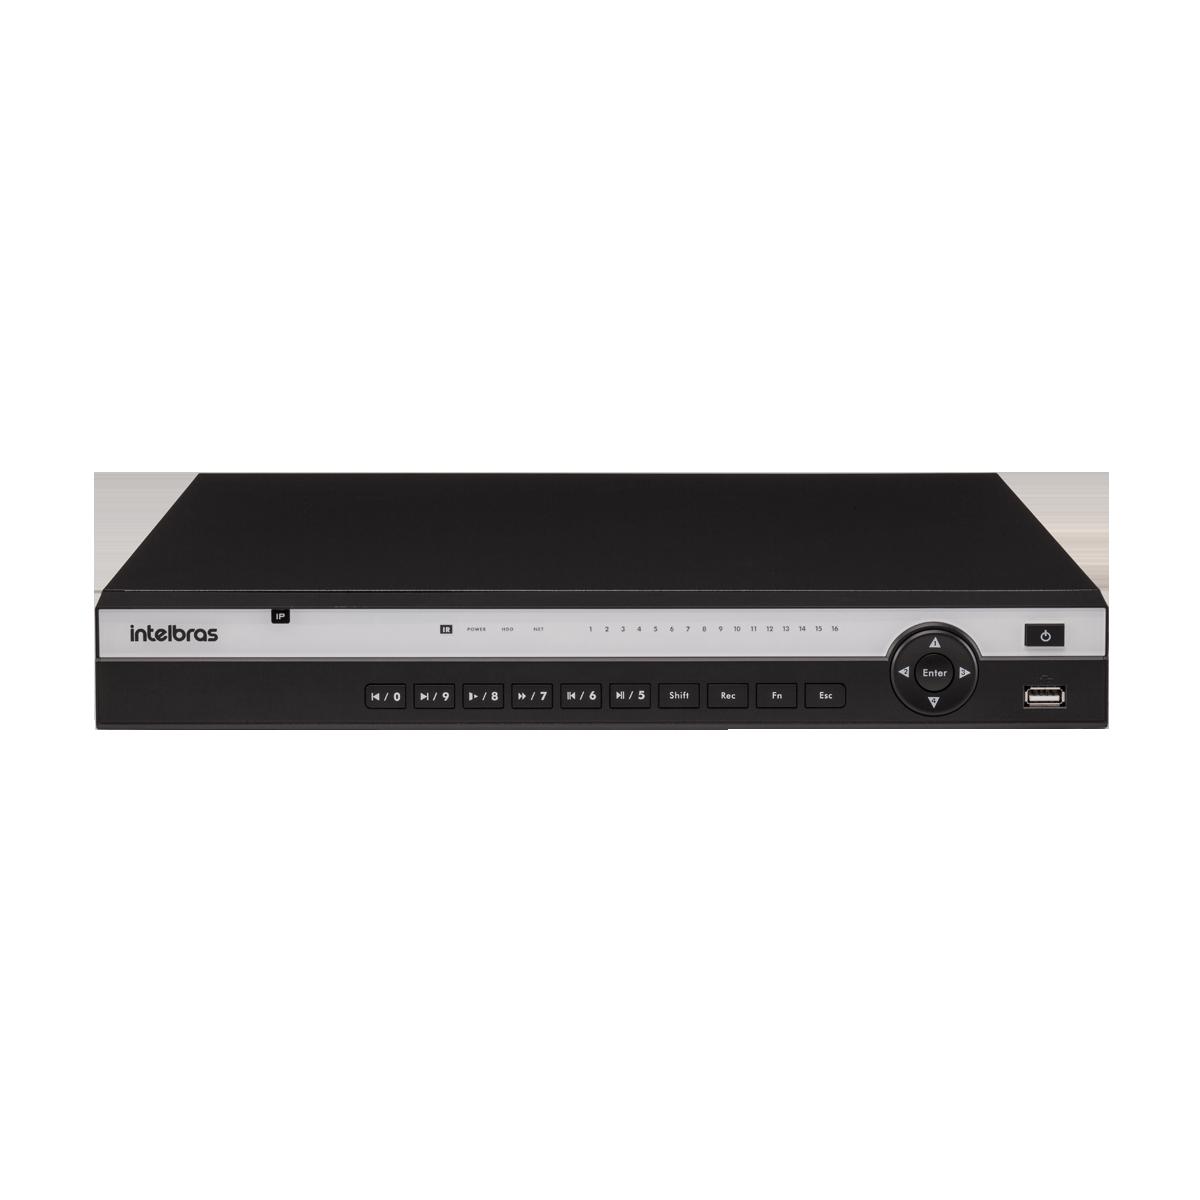 NVD 3208 P C/ HD 10TB - GRAV. DIG. DE VÍDEO EM REDE PARA ATÉ 8 CANAIS IP EM FULL HD @ 30 FPS, 4K, H.265, POSSUI 8 PORTAS POE e CAPACIDADE DE ARMAZENAMENTO PARA 1 HD - PRODUÇÃO CUSTOMIZADA COM ENTREGA   - Sandercomp Virtual